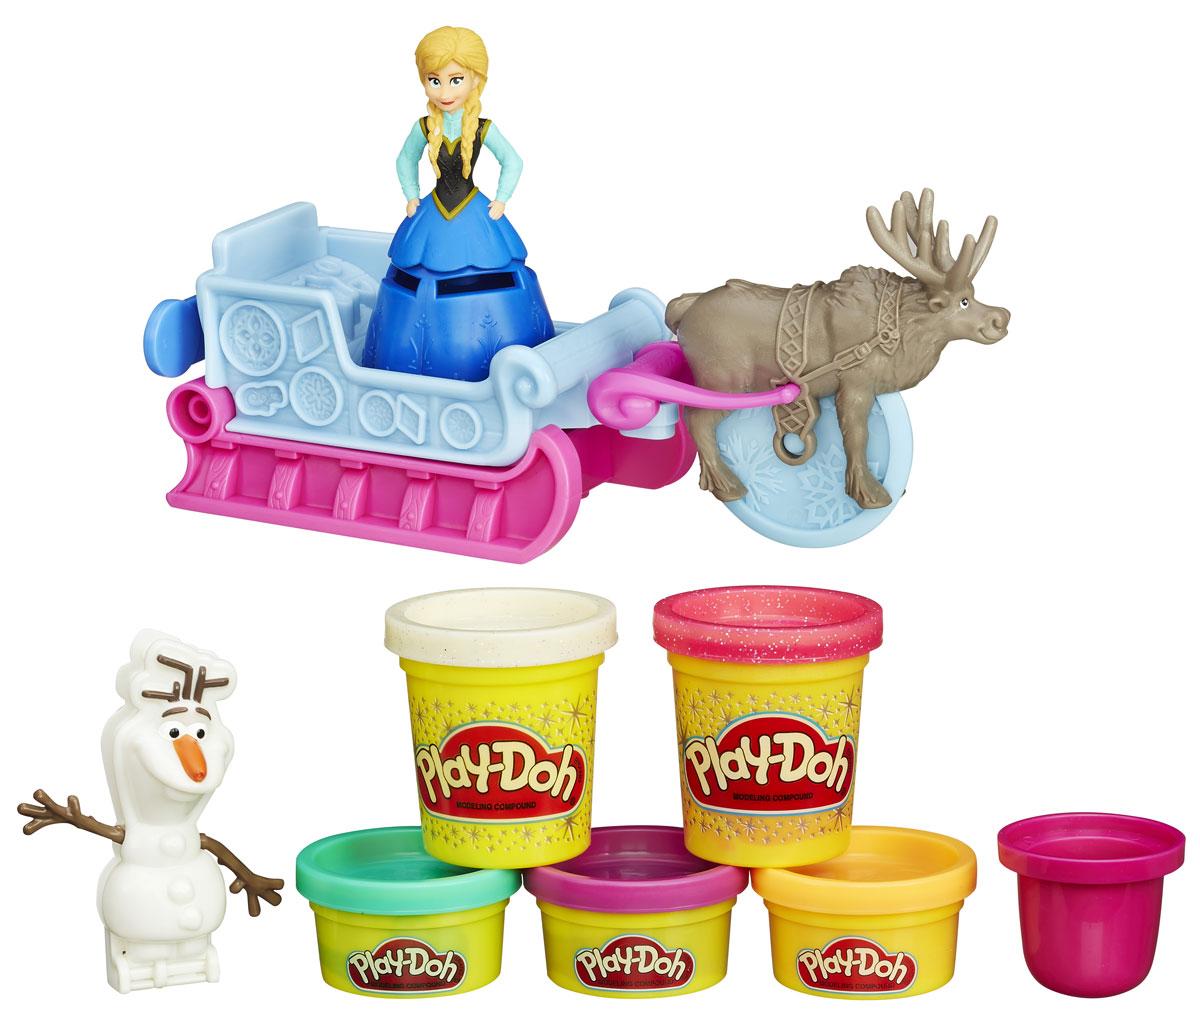 Play-Doh Игровой набор Холодное СердцеB1860EU4Набор Play-Doh Холодное Сердце предназначен для лепки и моделирования. Пластилин Плэй До обладает отличными пластичными свойствами, быстро размягчается, хорошо держит форму и не липнет к рукам. Он прекрасно подходит для создания даже очень мелких деталей, в чем малышке поможет этот набор! В наборе фигурка принцессы Анны и снеговика Олафа. С помощью фигурки оленя можно резать раскатанный пластилин. Фигурку принцессы можно посадить в волшебные сани. С помощью саней можно получить пластилин разных форм, или делать замечательные резные слепки. Пластилин легко отмывается с рук и отстирывается от одежды. Занятия лепкой помогут вашей маленькой принцессе развить творческие способности, воображение, а также мелкую моторику рук. Яркие цвета и сказочные образы подарят ей положительные эмоции и хорошее настроение!